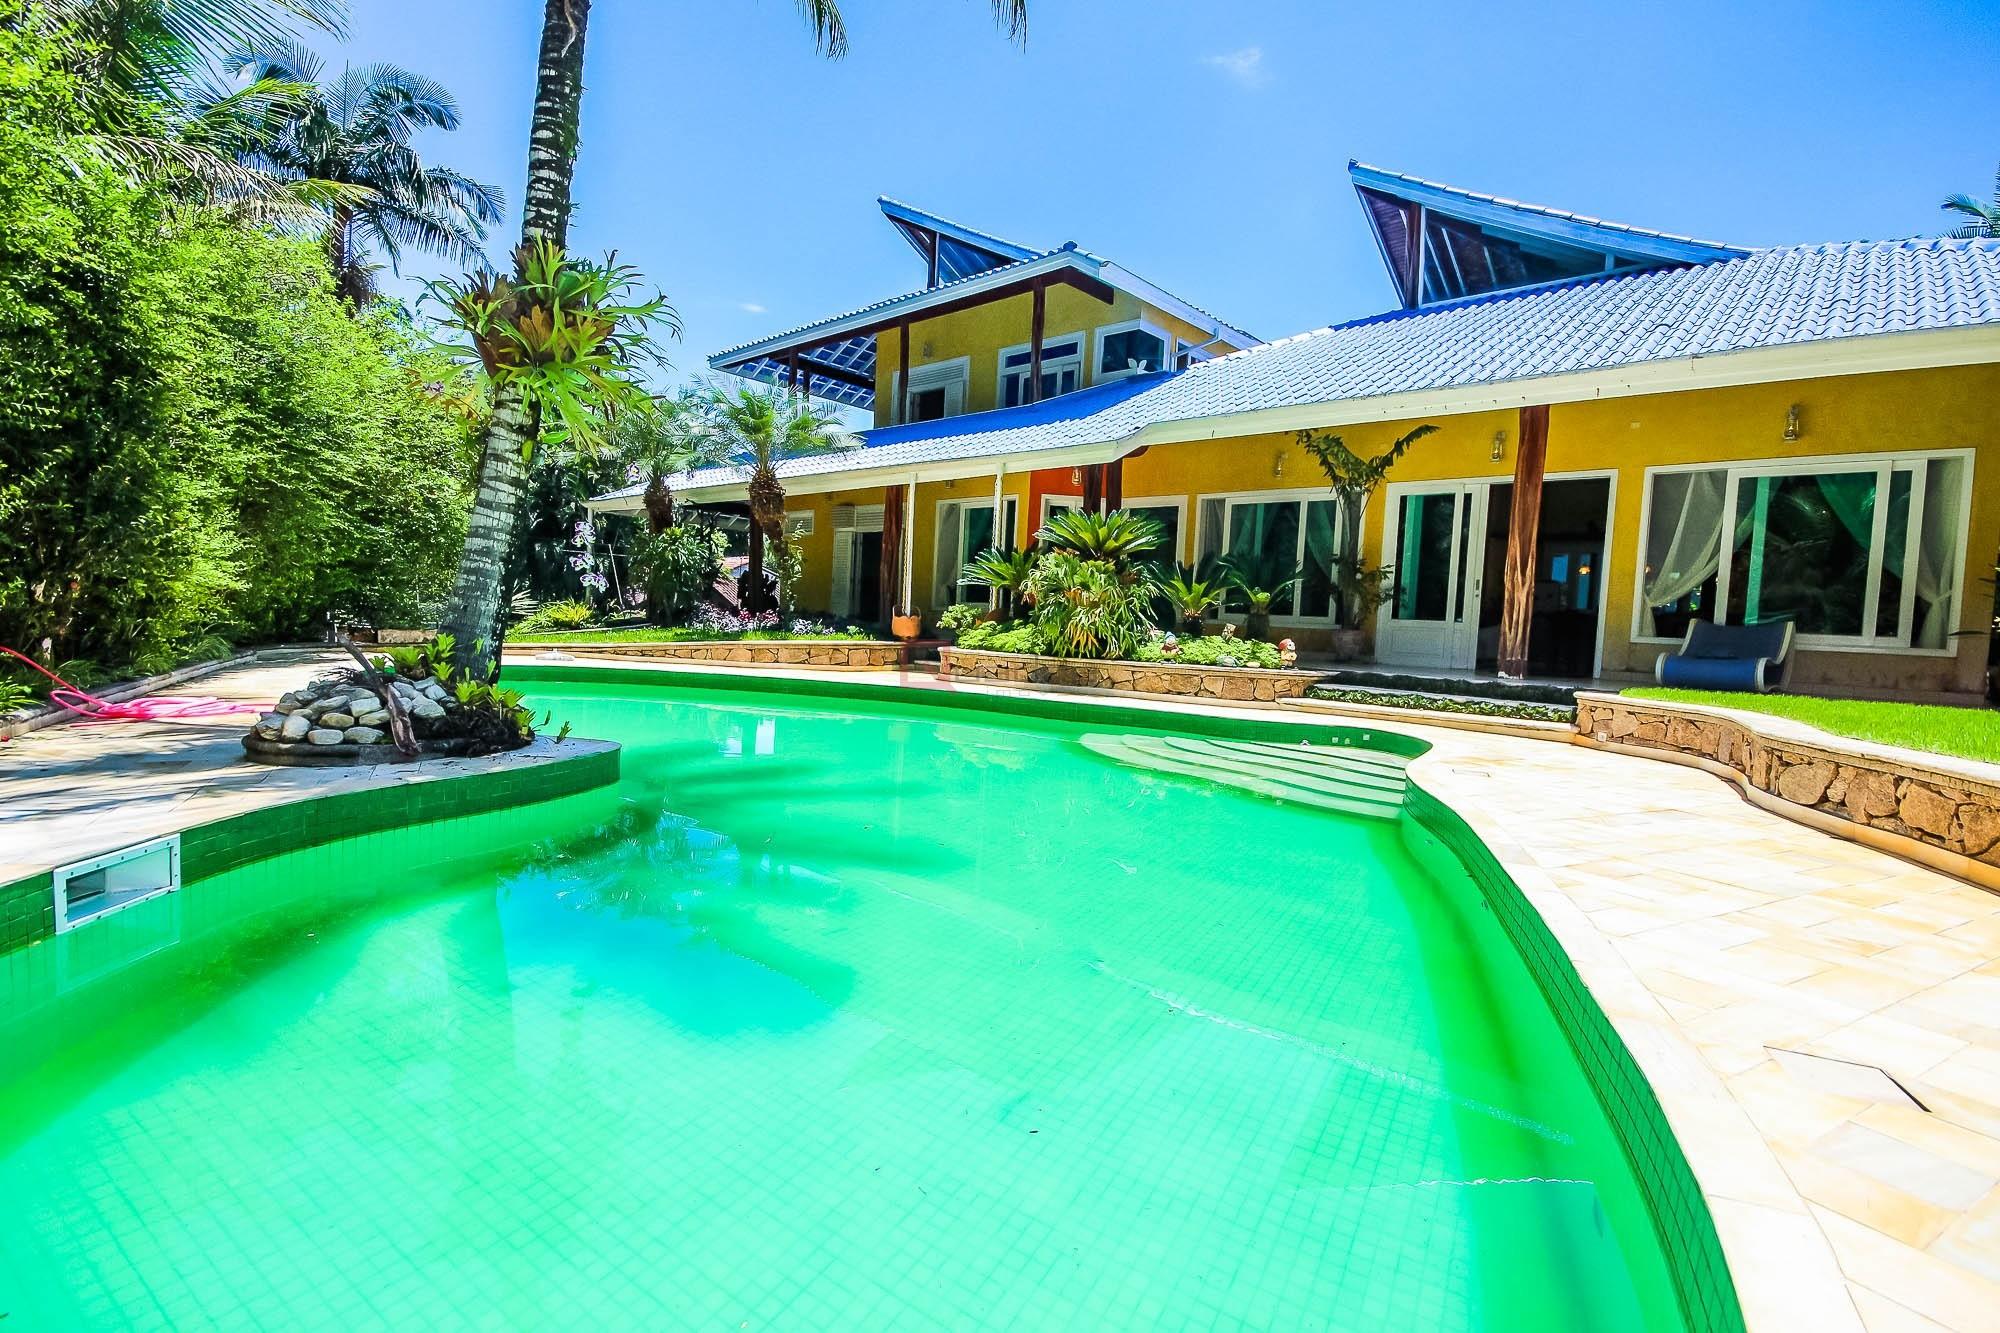 Casa em condomínio com 4 suítes à venda em CARAGUATATUBA, no bairro PARK IMPERIAL